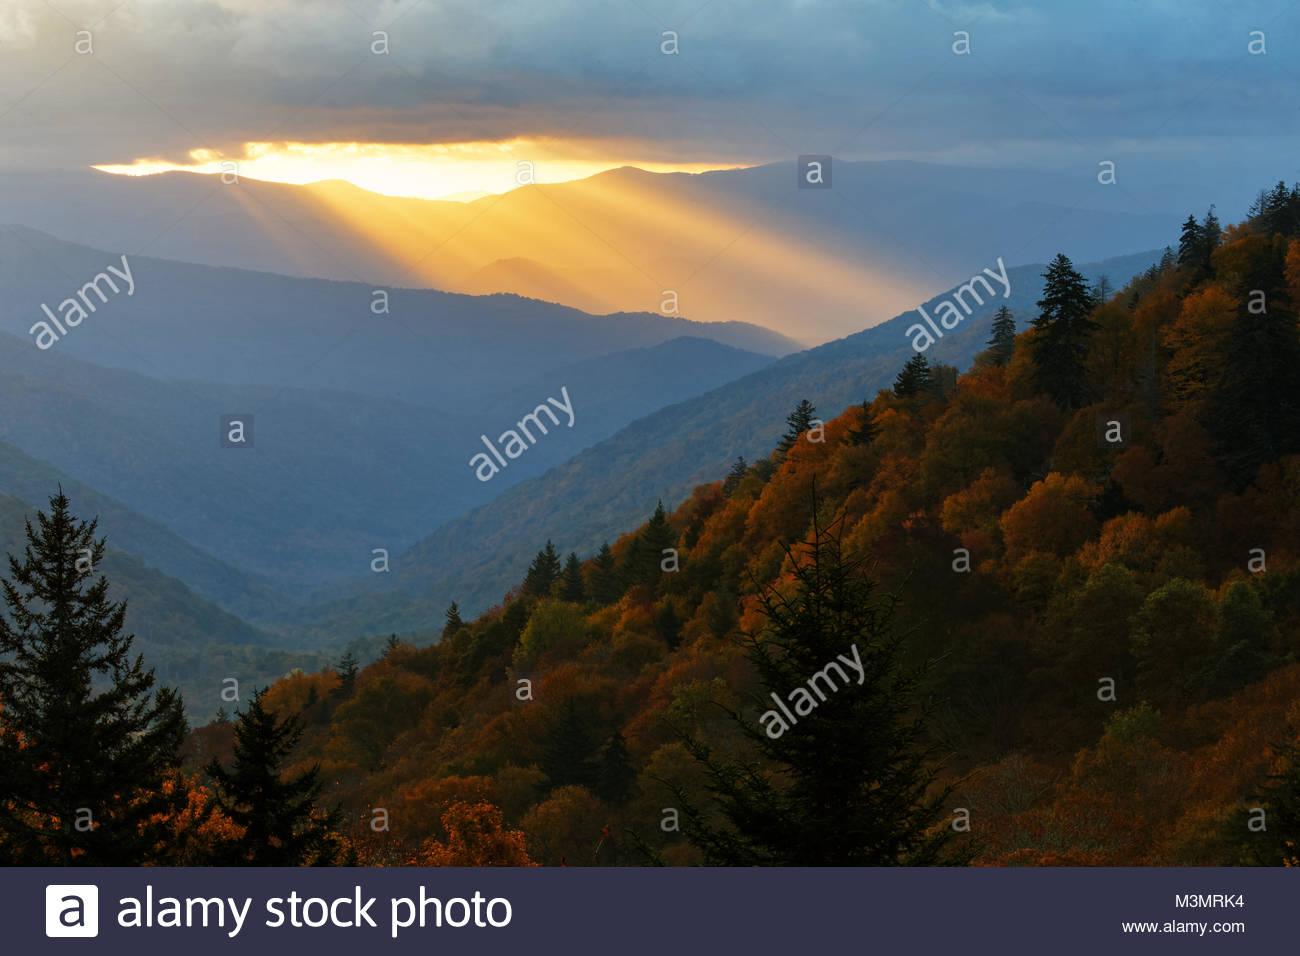 Sunrise from Oconaluftee overlook in GSMNP - Stock Image